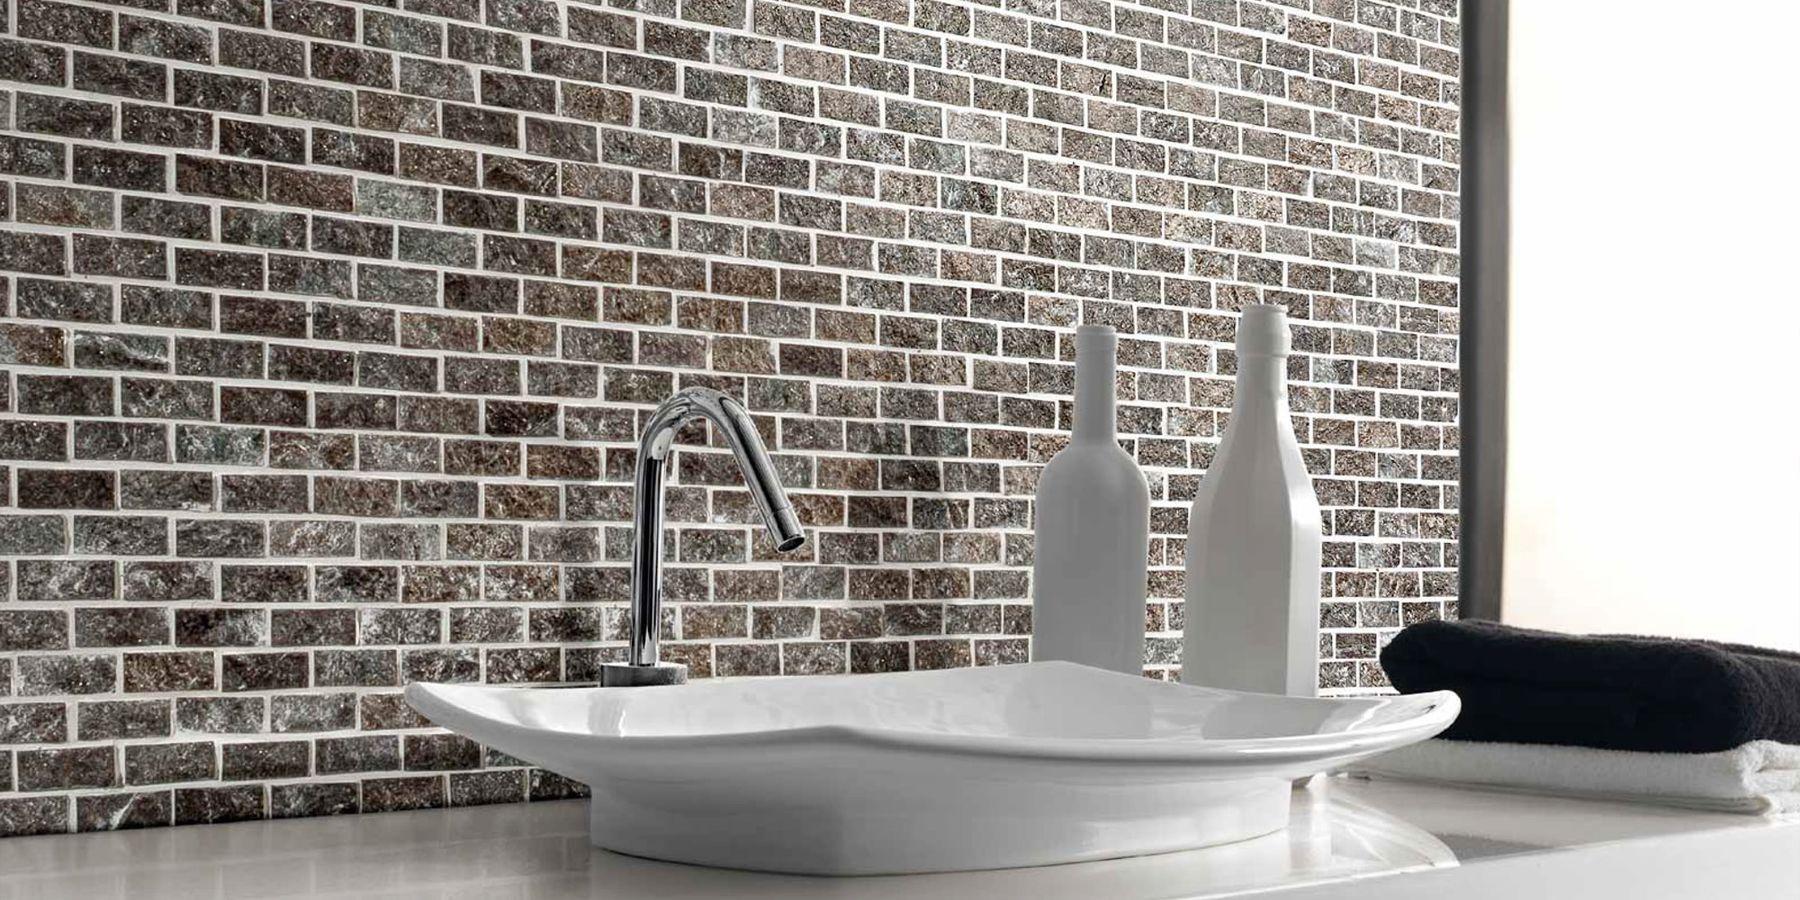 Bagno Con Mosaico Bianco mosaico da bagno: una scelta raffinata